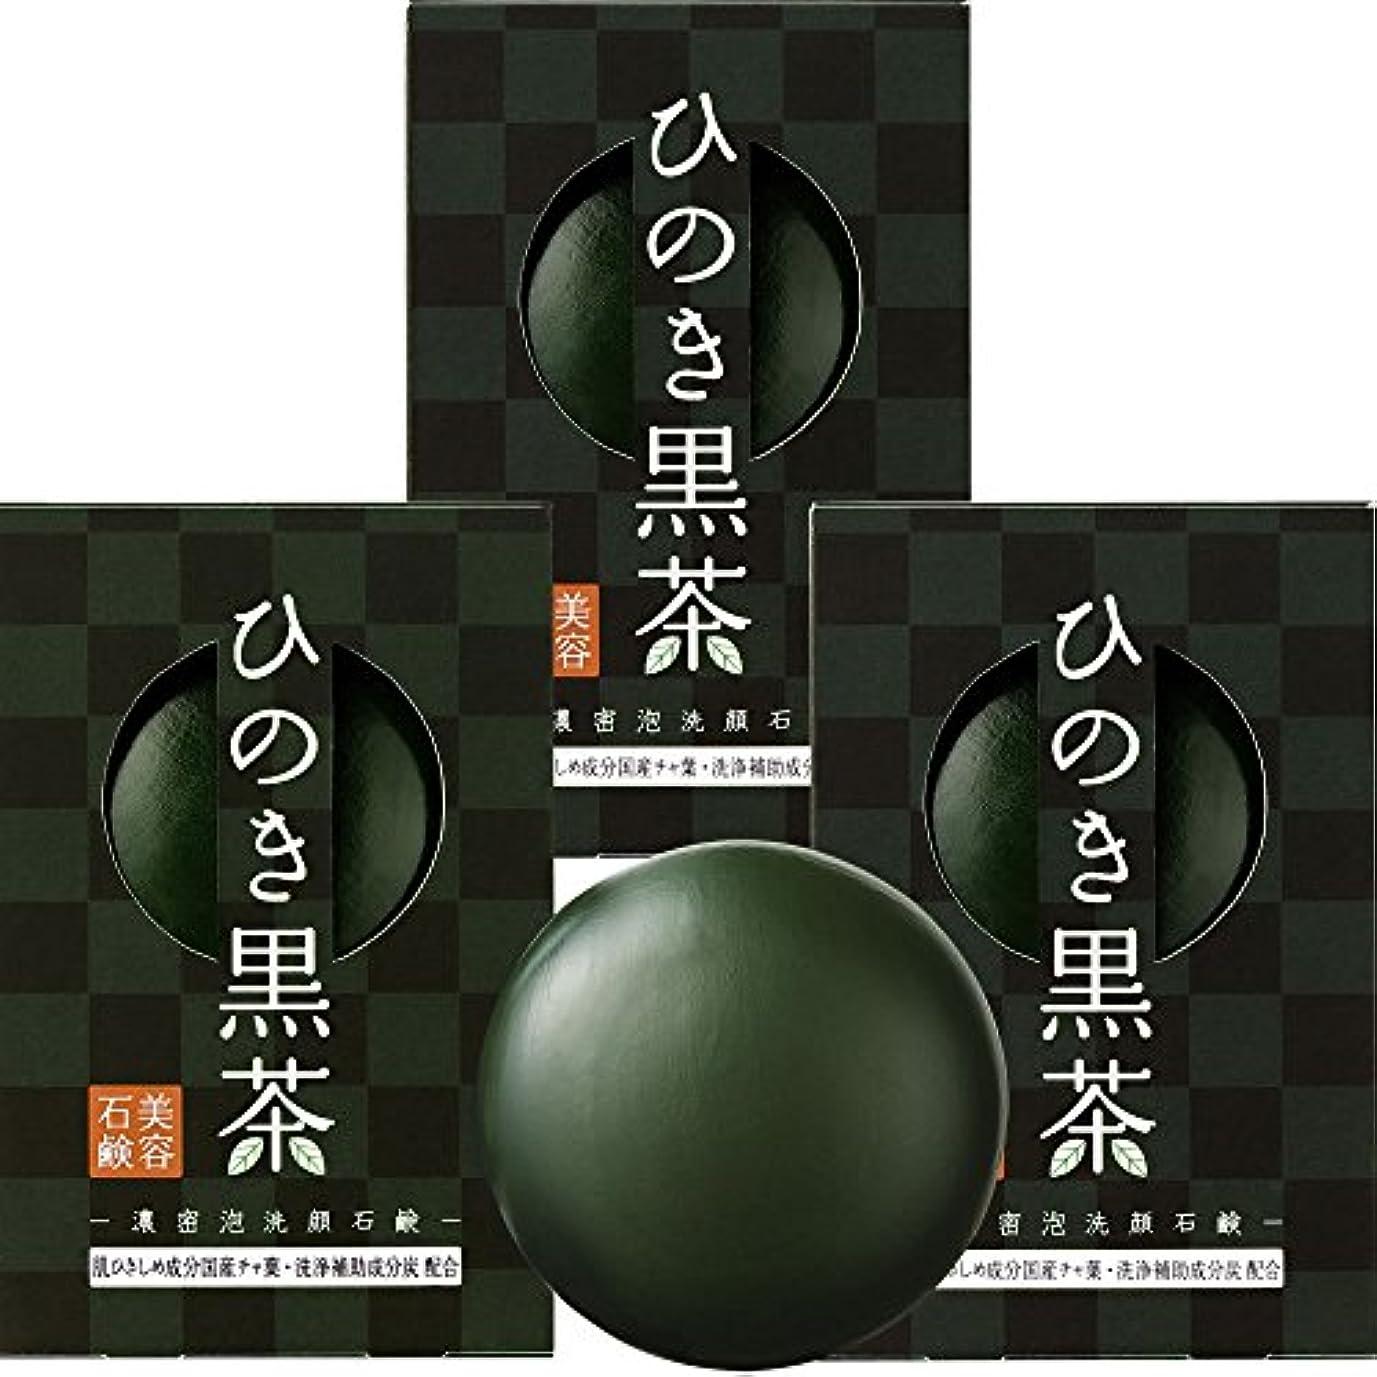 収入結婚貢献するひのき黒茶石鹸 (80g×3個) [保湿成分配合] ヒアルロン酸 コラーゲン